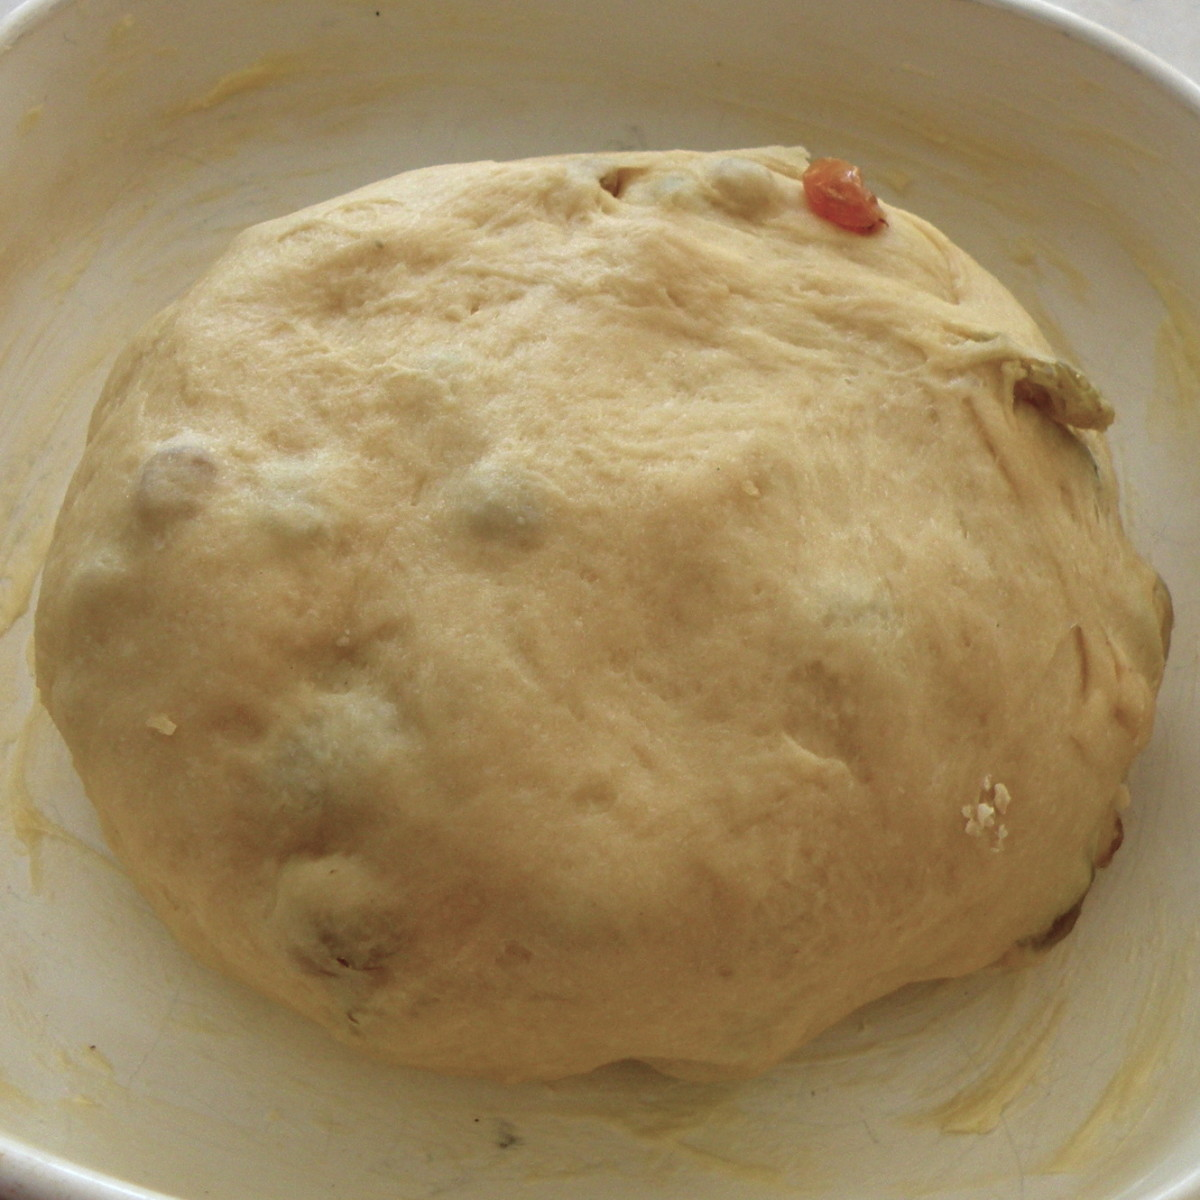 babka dough